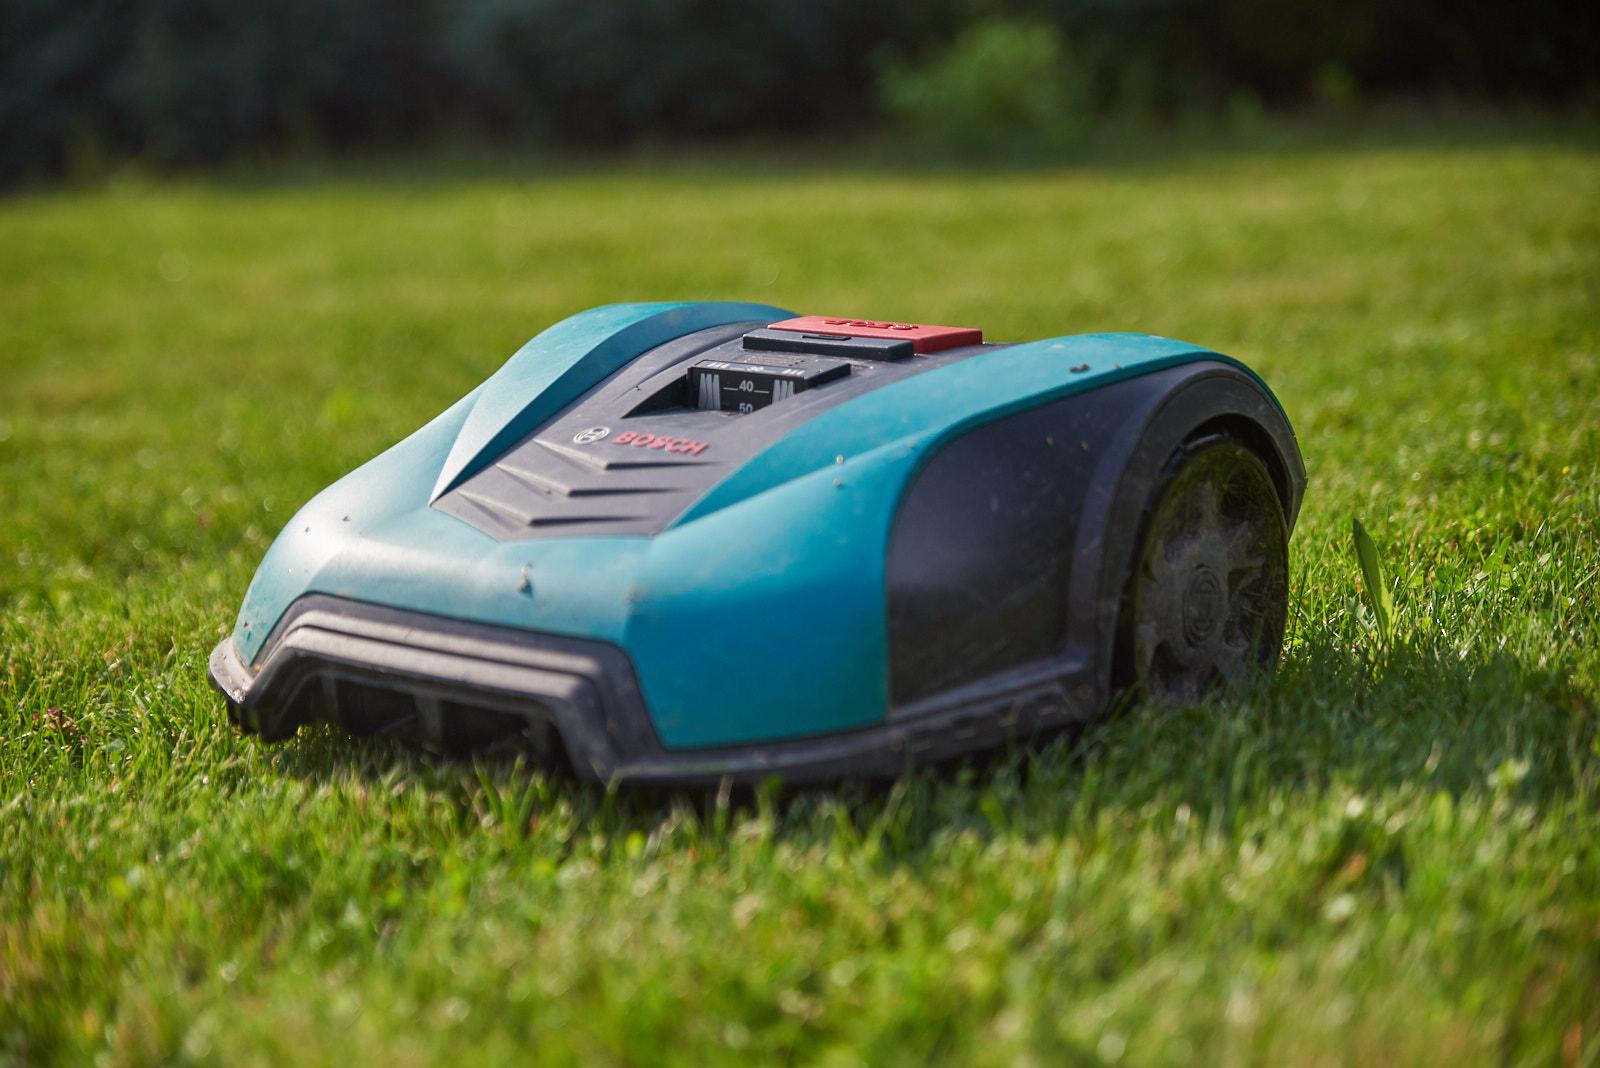 test robot tondeuse bosch indego 350 connect la rigueur allemande pour nos pelouses diisign. Black Bedroom Furniture Sets. Home Design Ideas